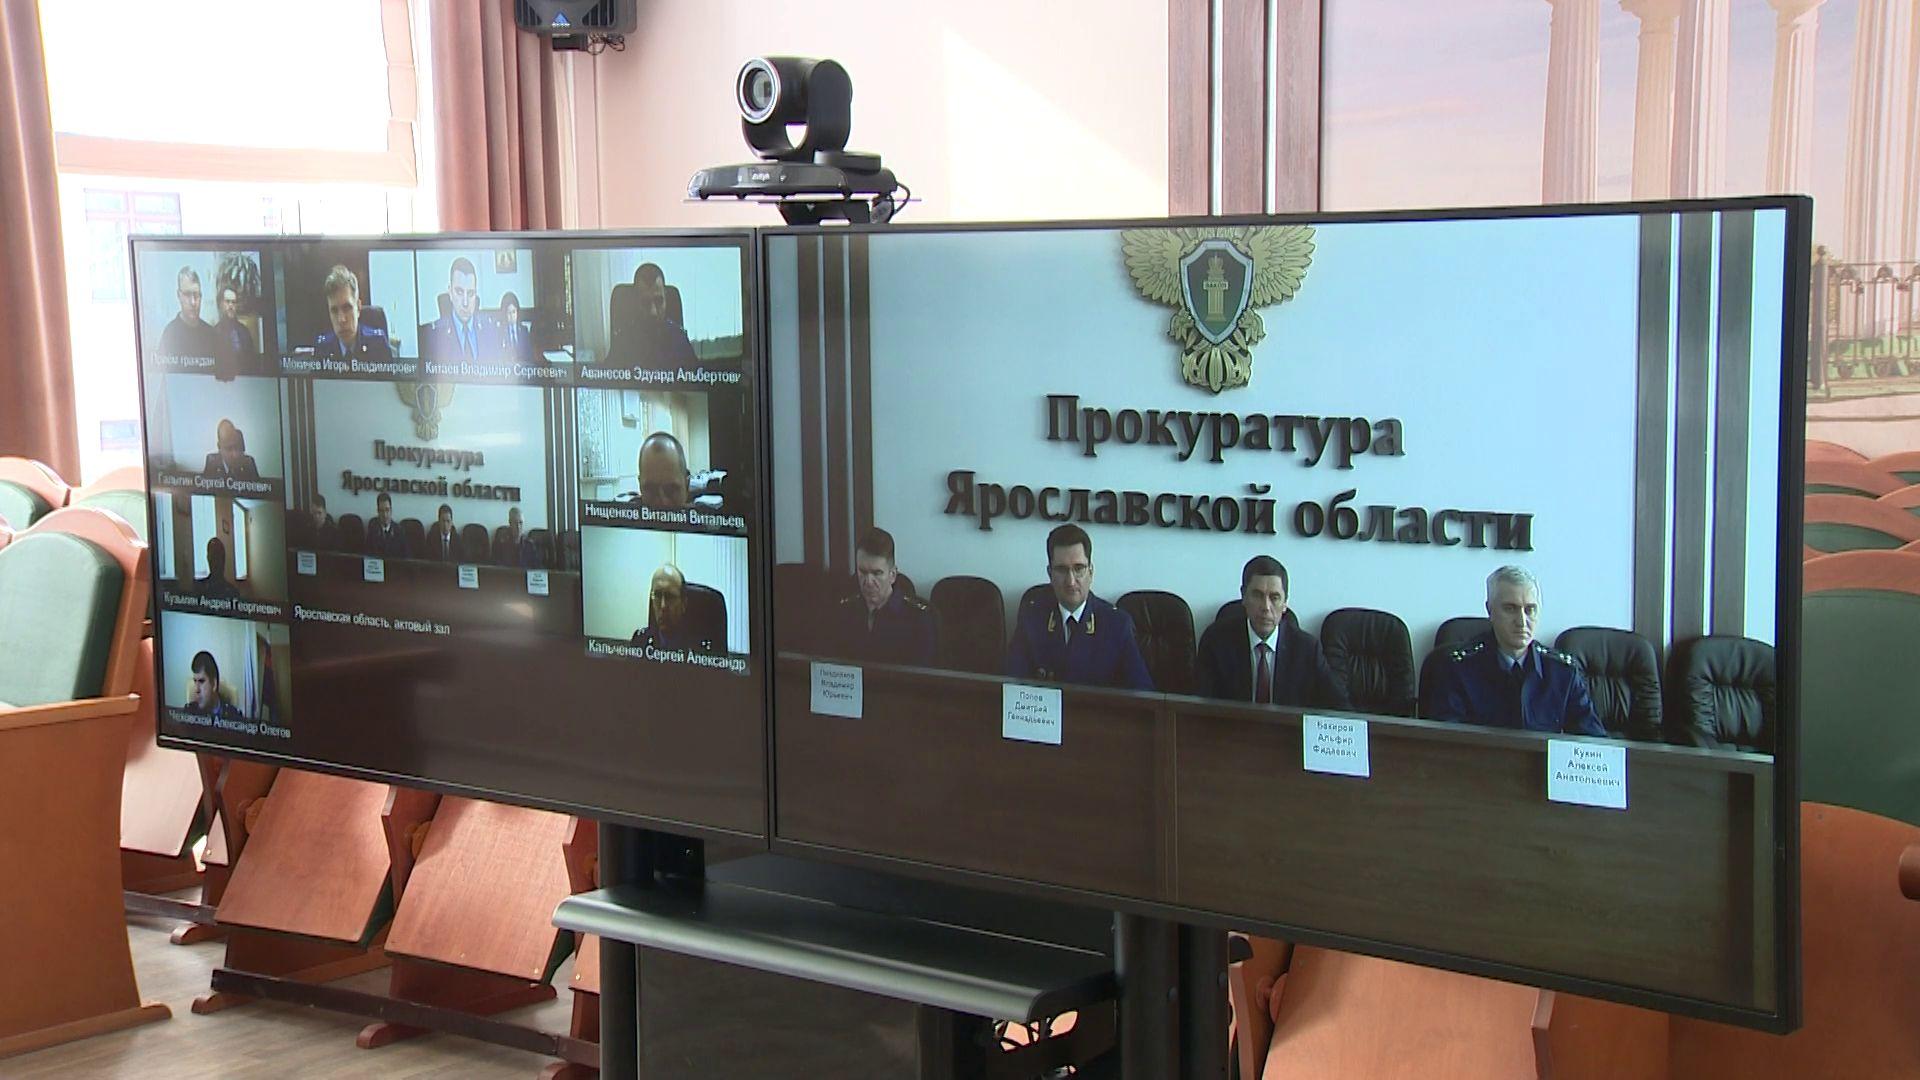 Ярославская прокуратура выслушала проблемы предпринимателей региона